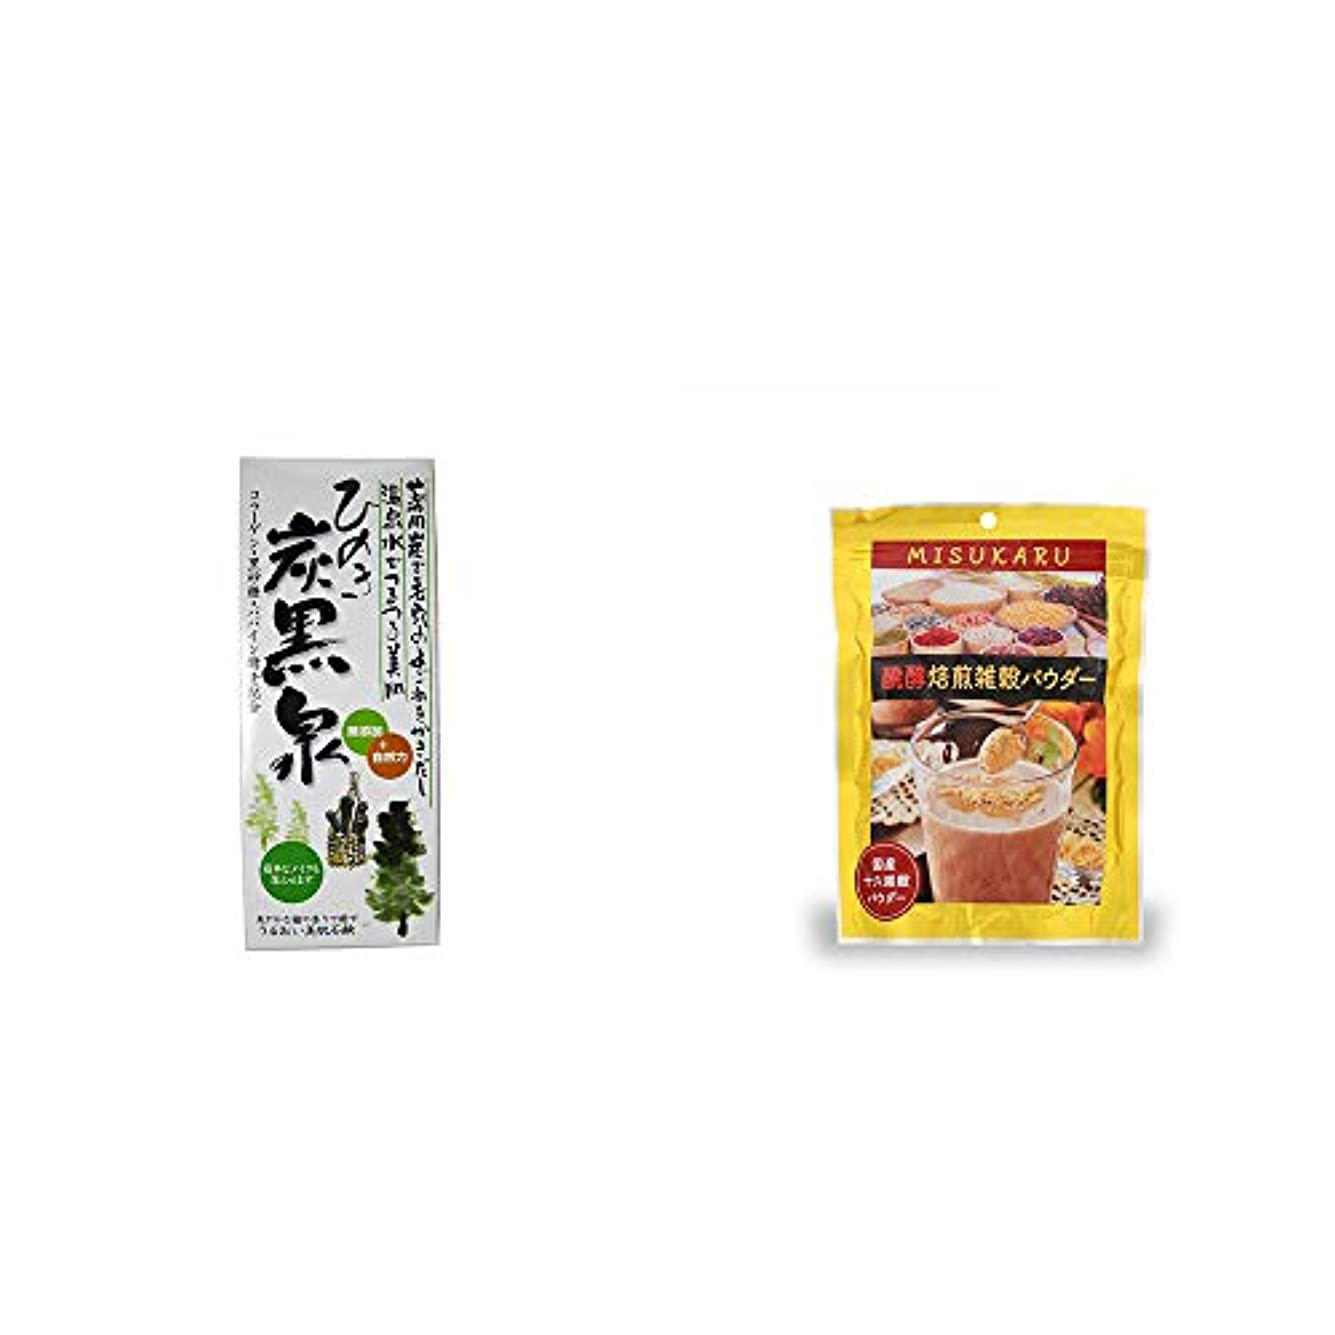 ソフトウェアビットに勝る[2点セット] ひのき炭黒泉 箱入り(75g×3)?醗酵焙煎雑穀パウダー MISUKARU(ミスカル)(200g)